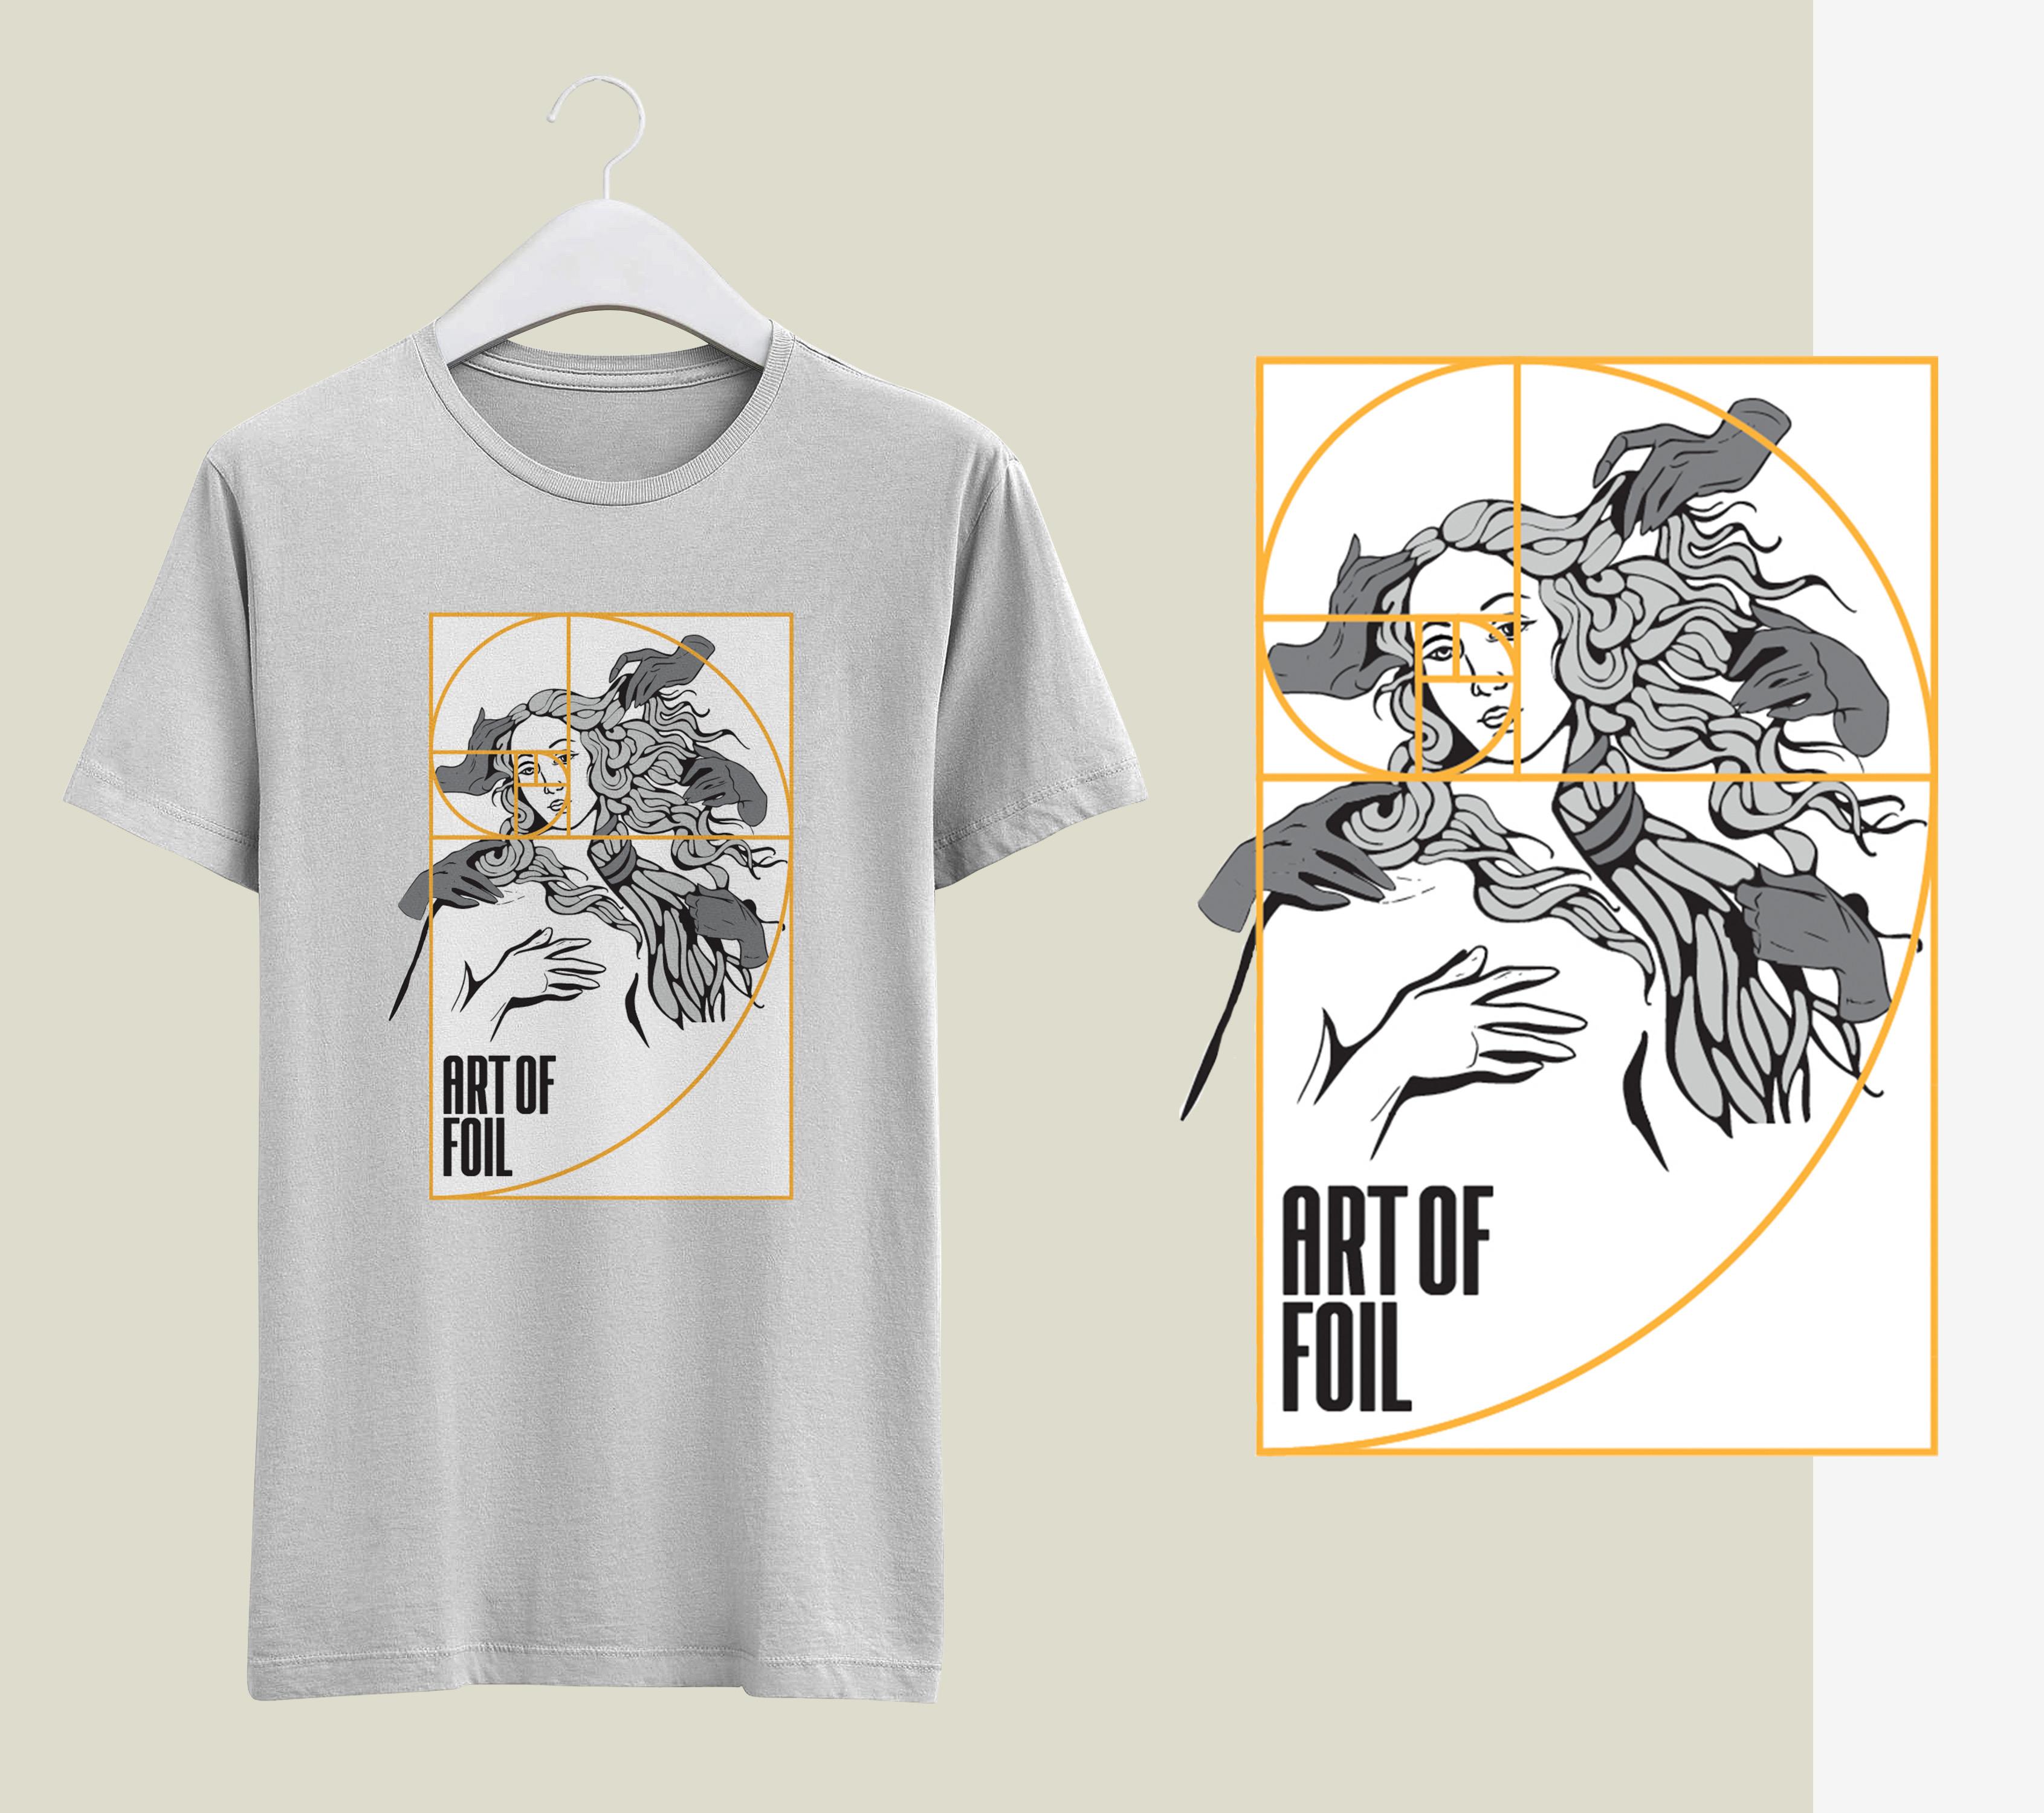 Разработать принт для футболки фото f_2855f679a348d809.jpg